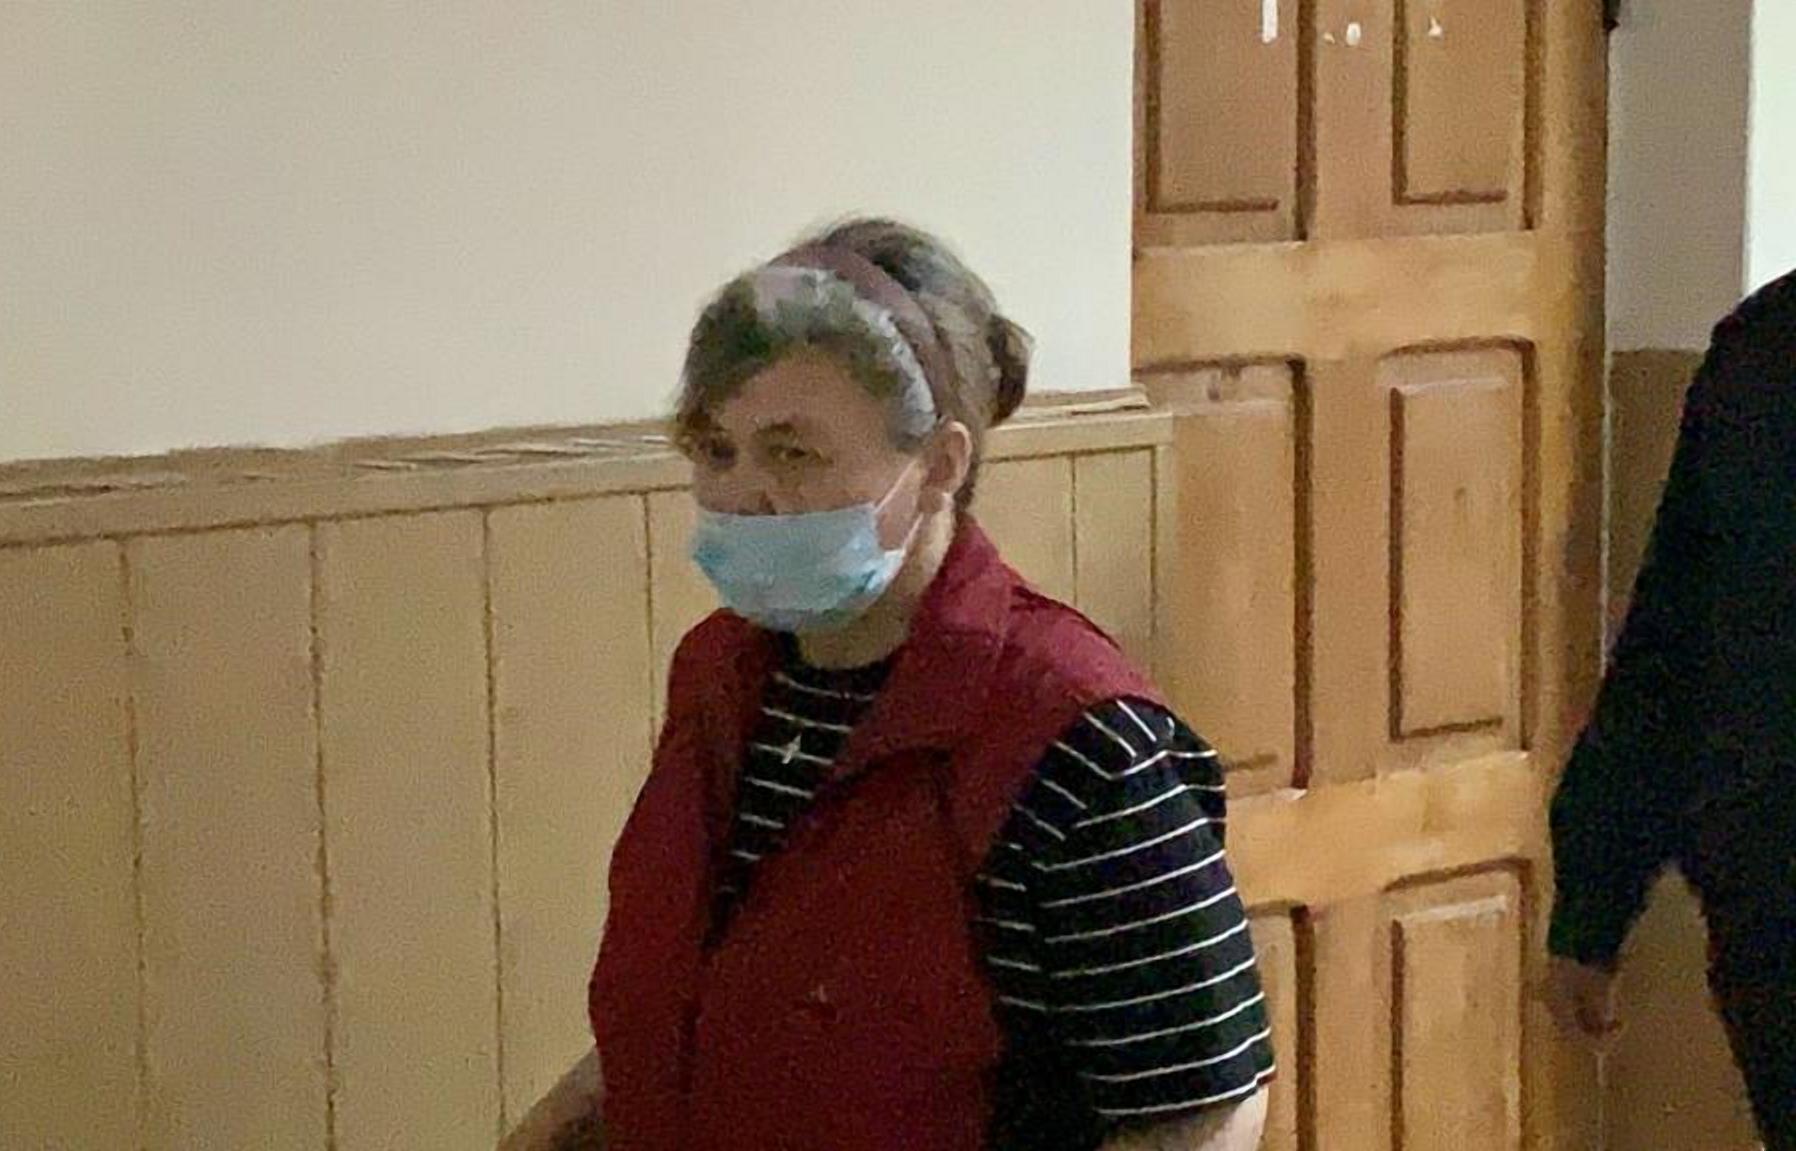 В Твери осуждена женщина, которая сожгла своего соседа-пенсионера за отказ выпить - новости Афанасий